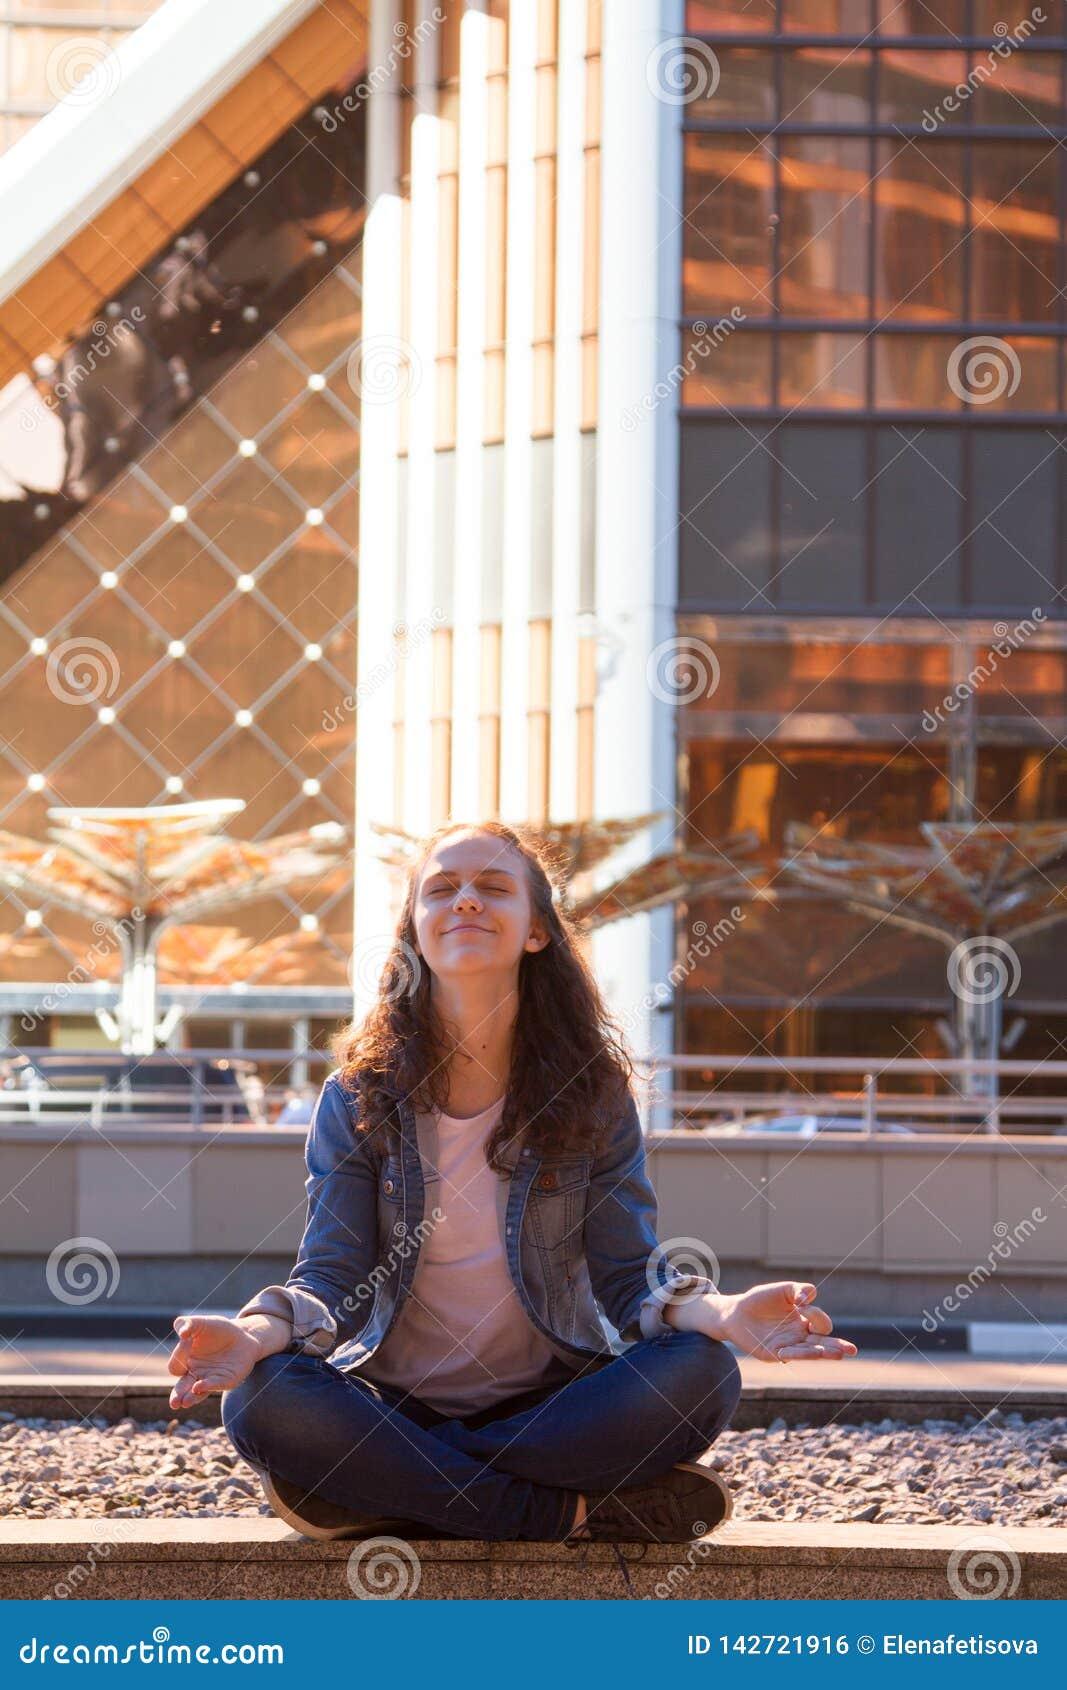 Yoga des jungen Mädchens und meditiert im Lotussitz in einer Großstadt